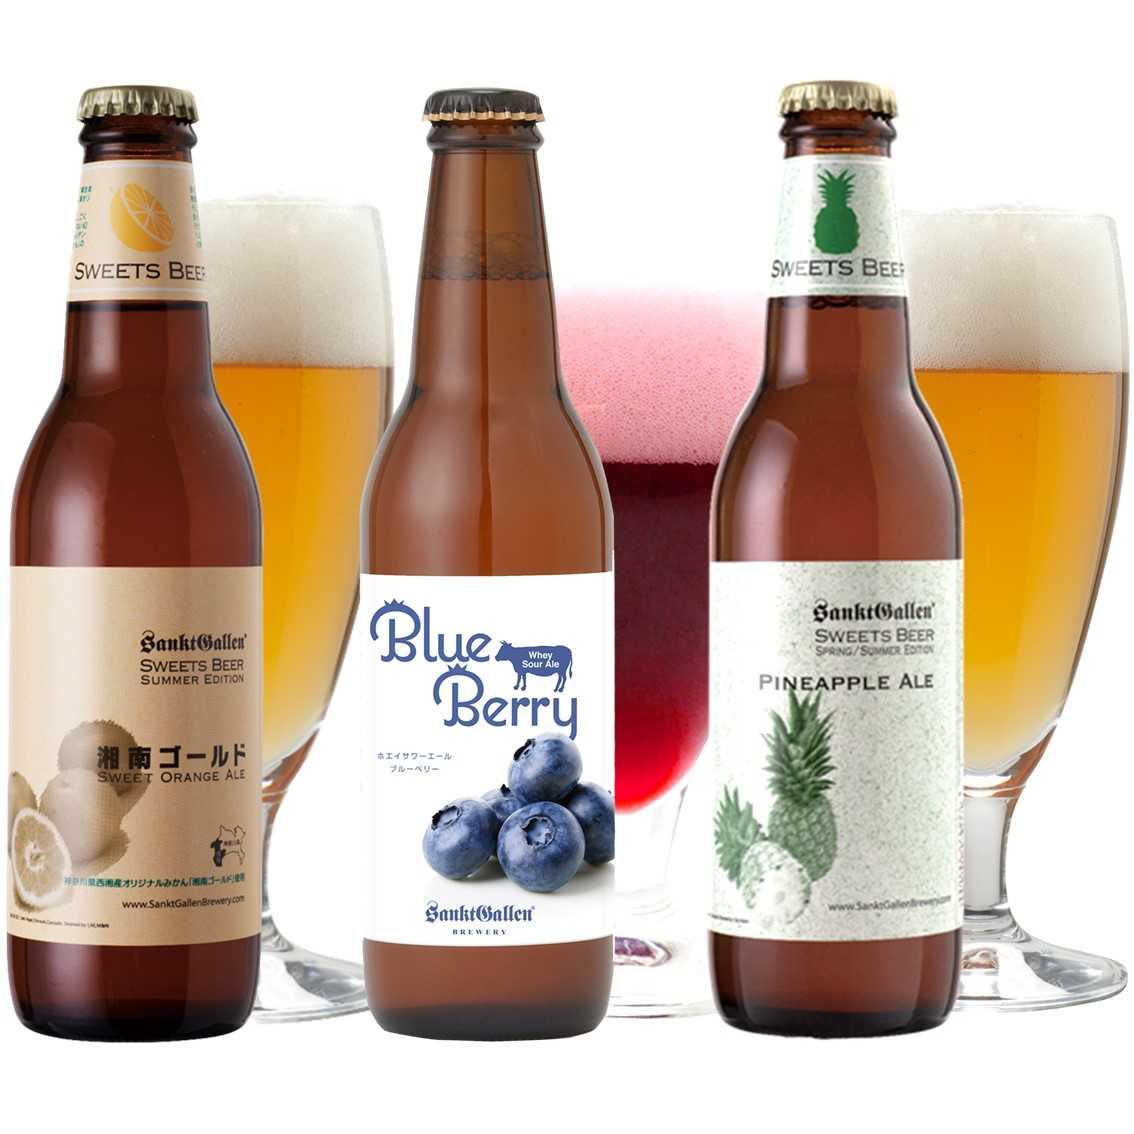 フルーツビール3種セット